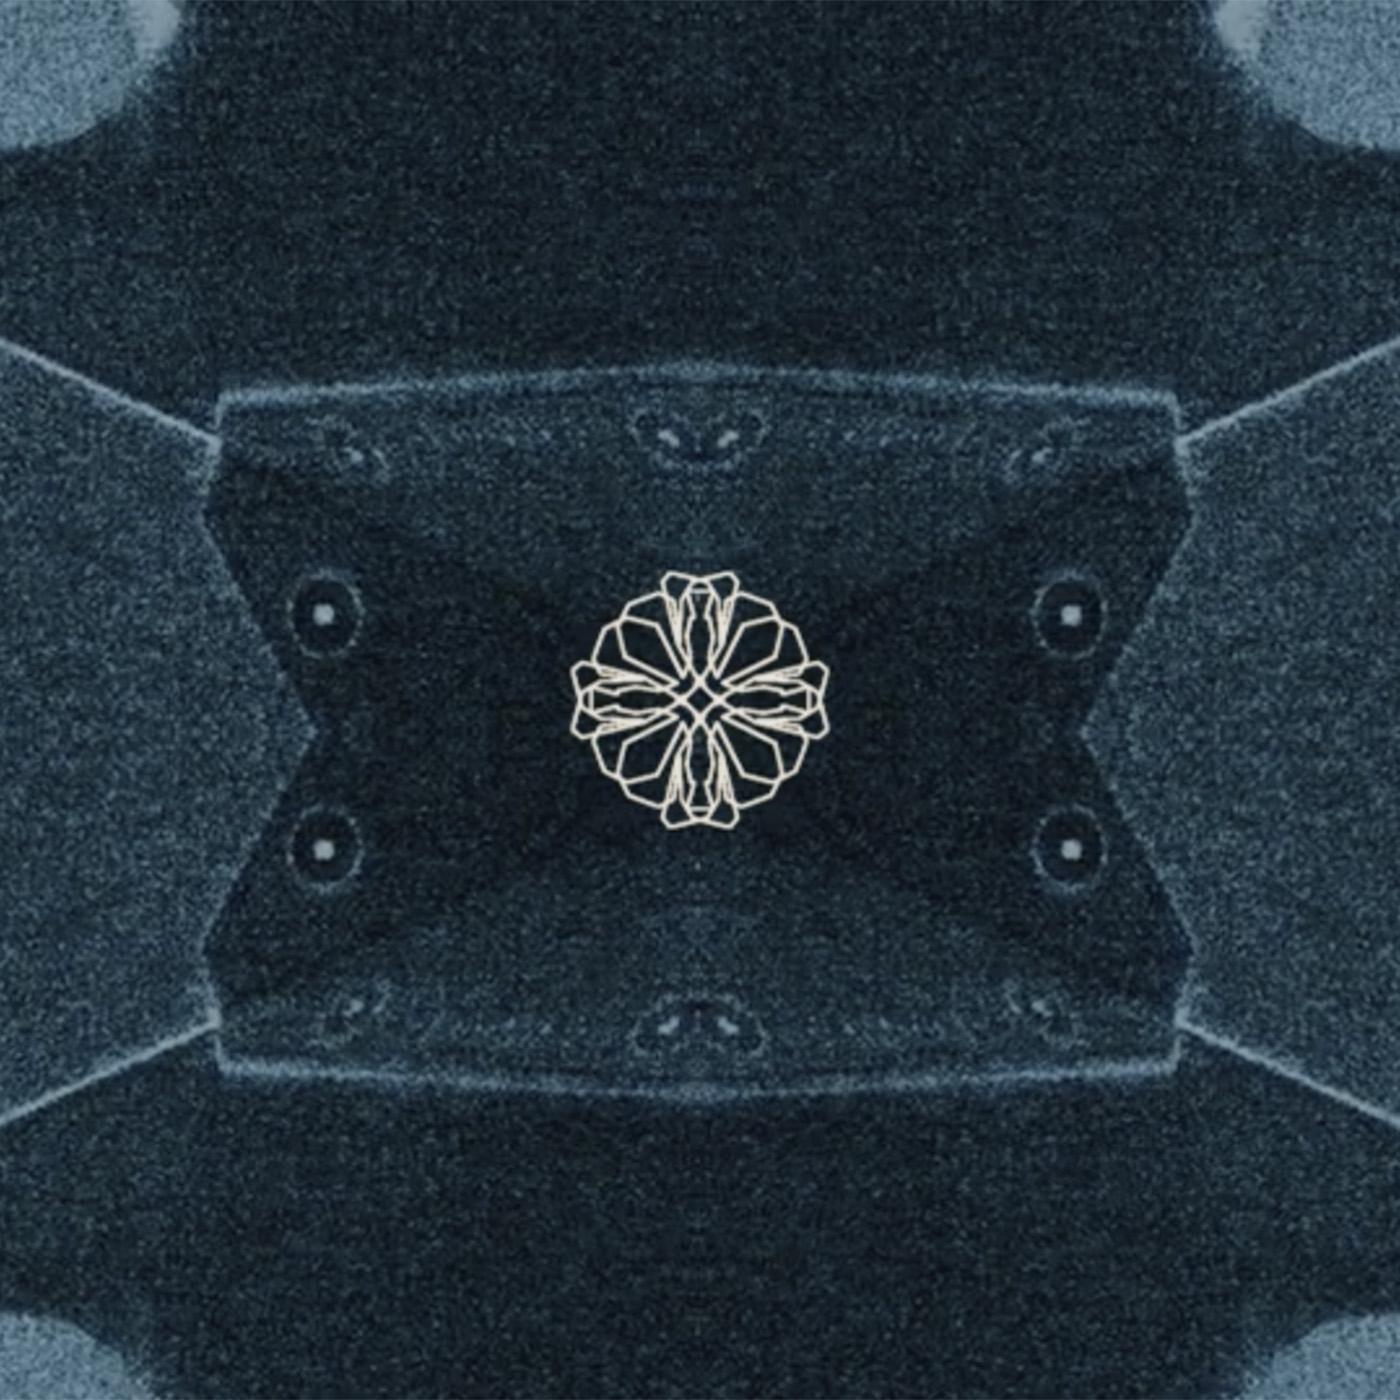 Ferro - The Unforced EP [Amphia]